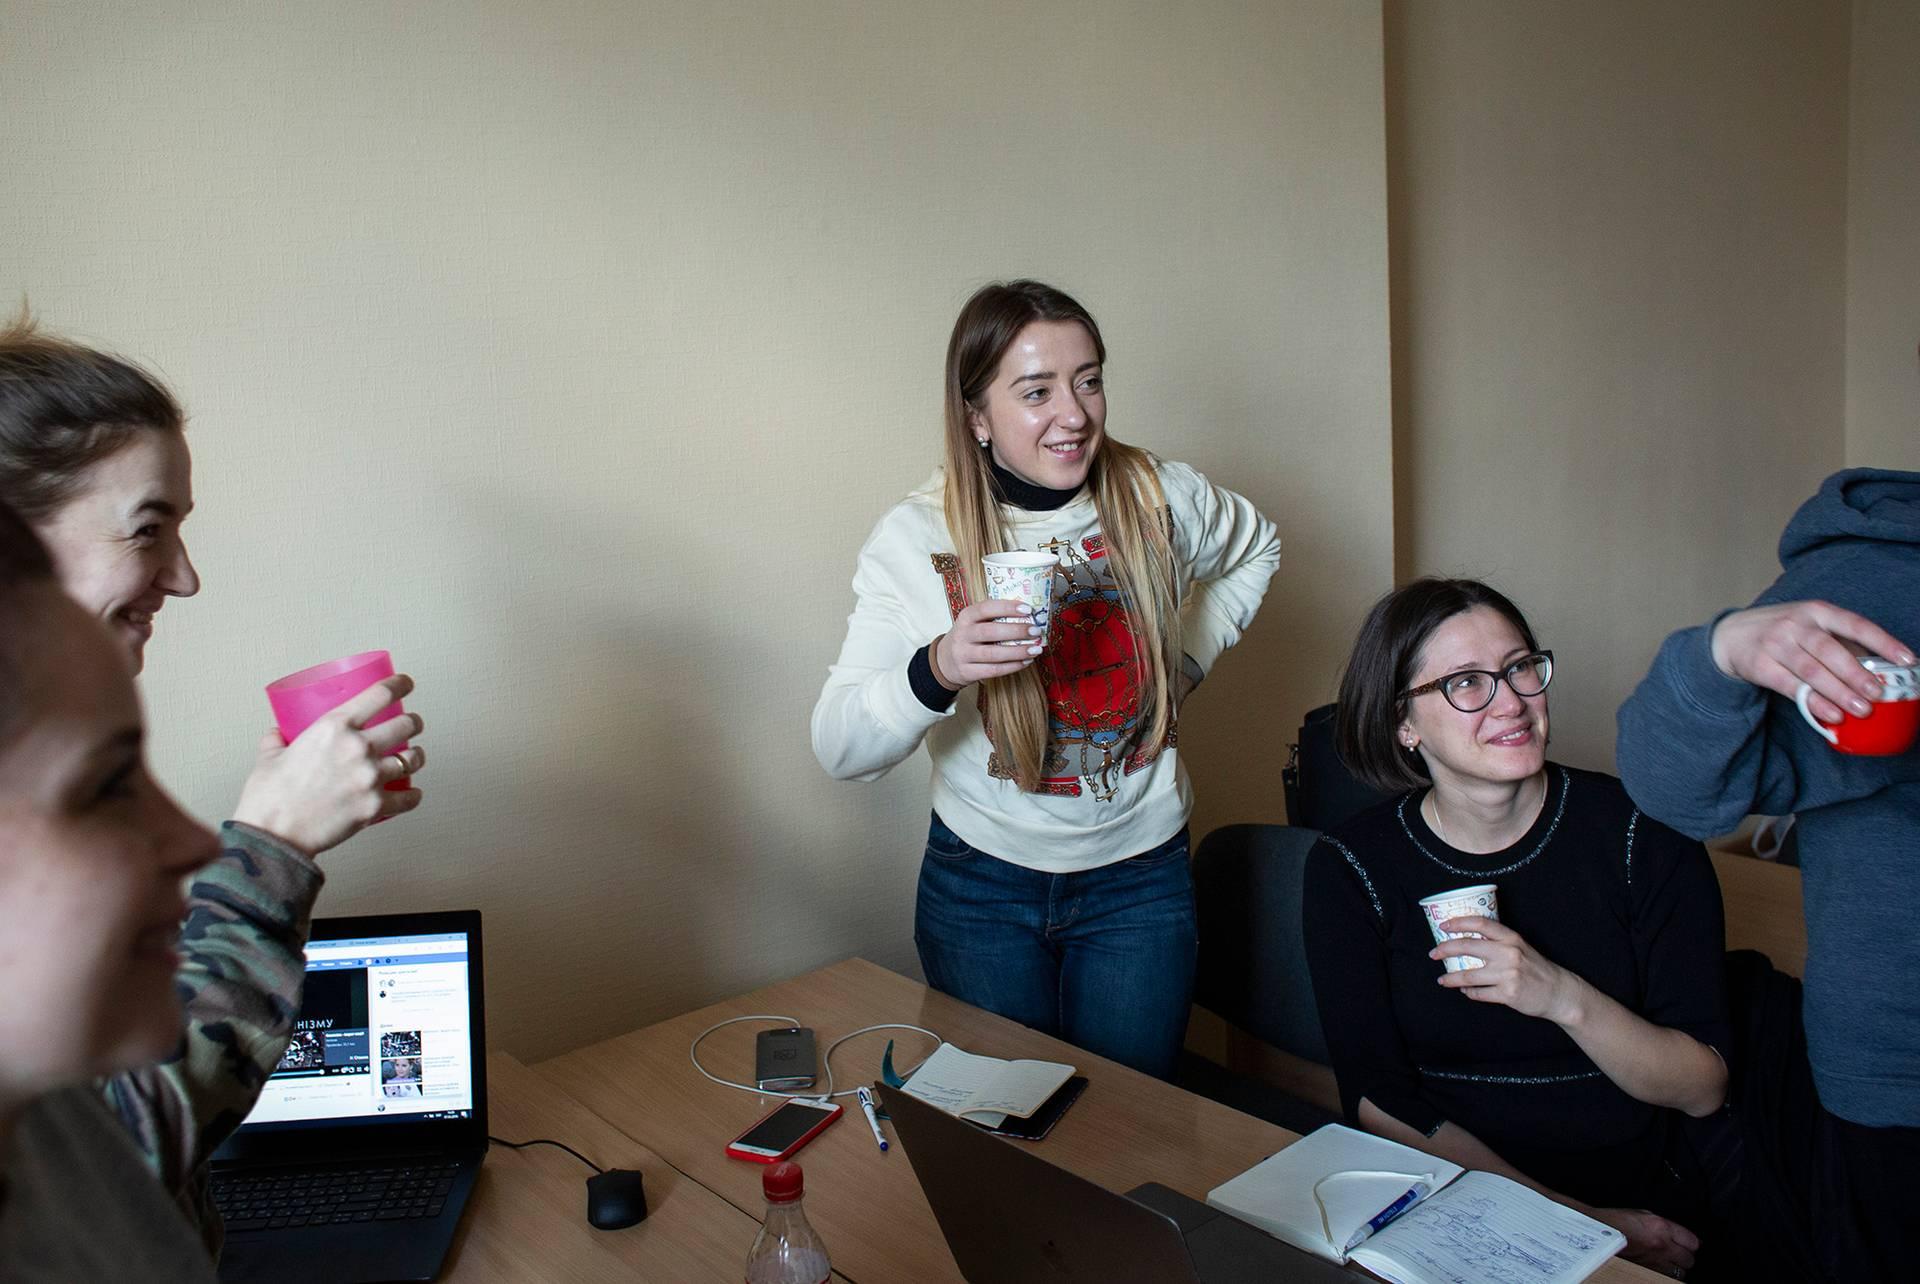 Галина Клемпоуз (в центрі) на зустрічі Жіночого ветеранського руху, Київ, 7 березня 2019 року